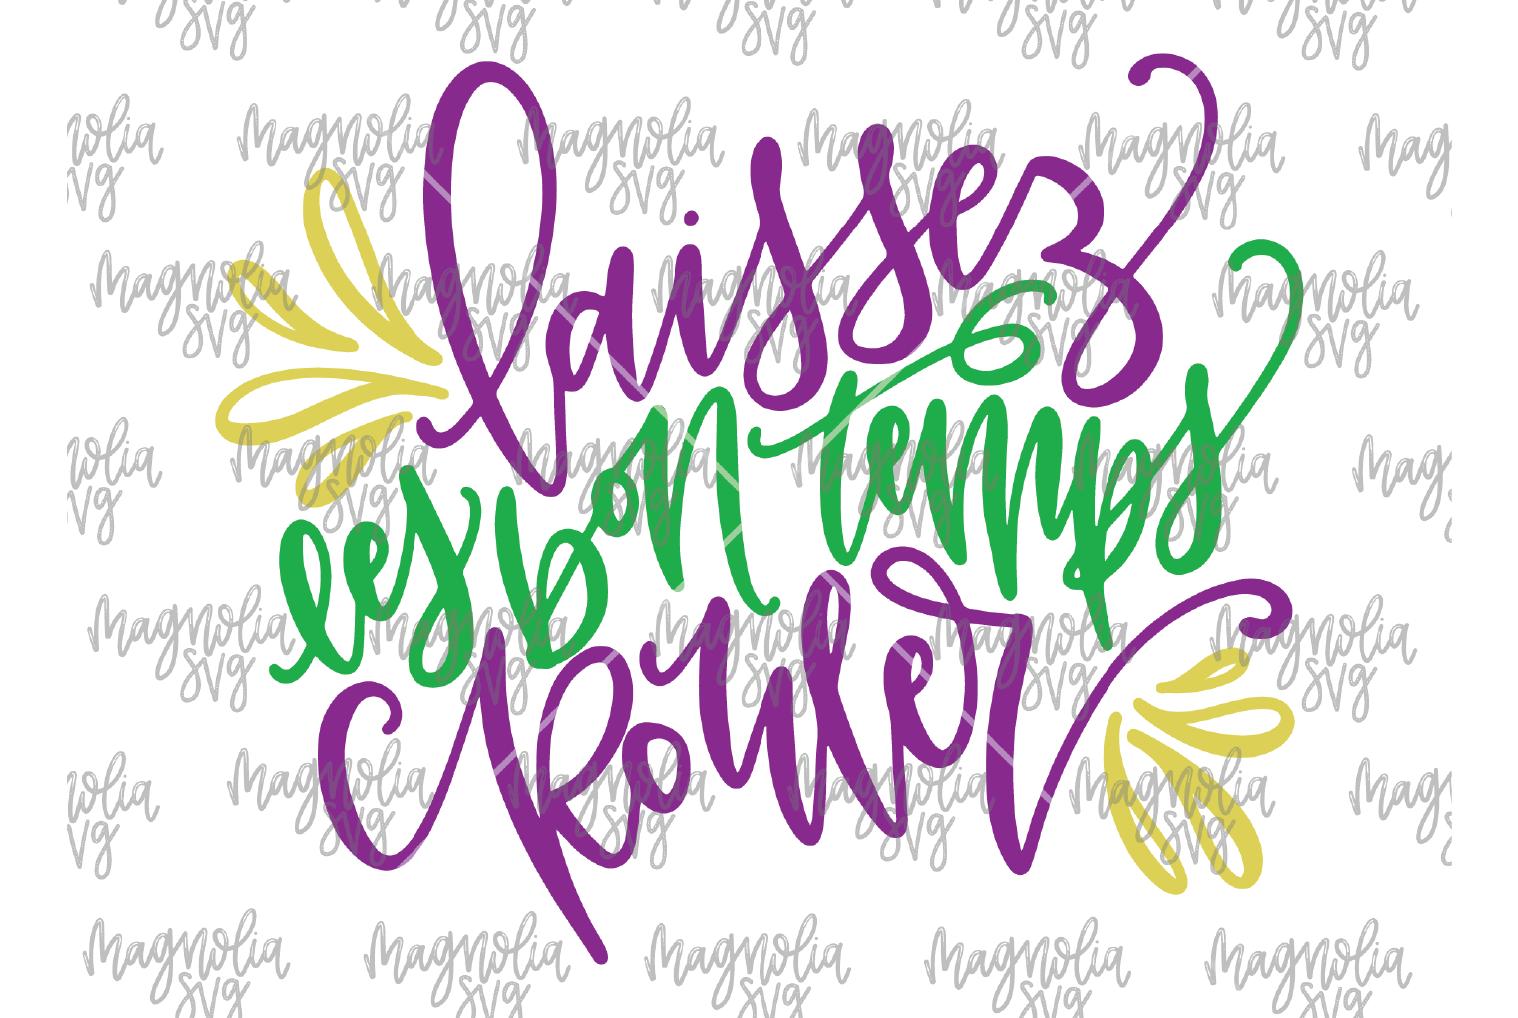 Laissez Les Bon Temps Rouler SVG Cut File - SVG, DXF, EPS, P example image 1